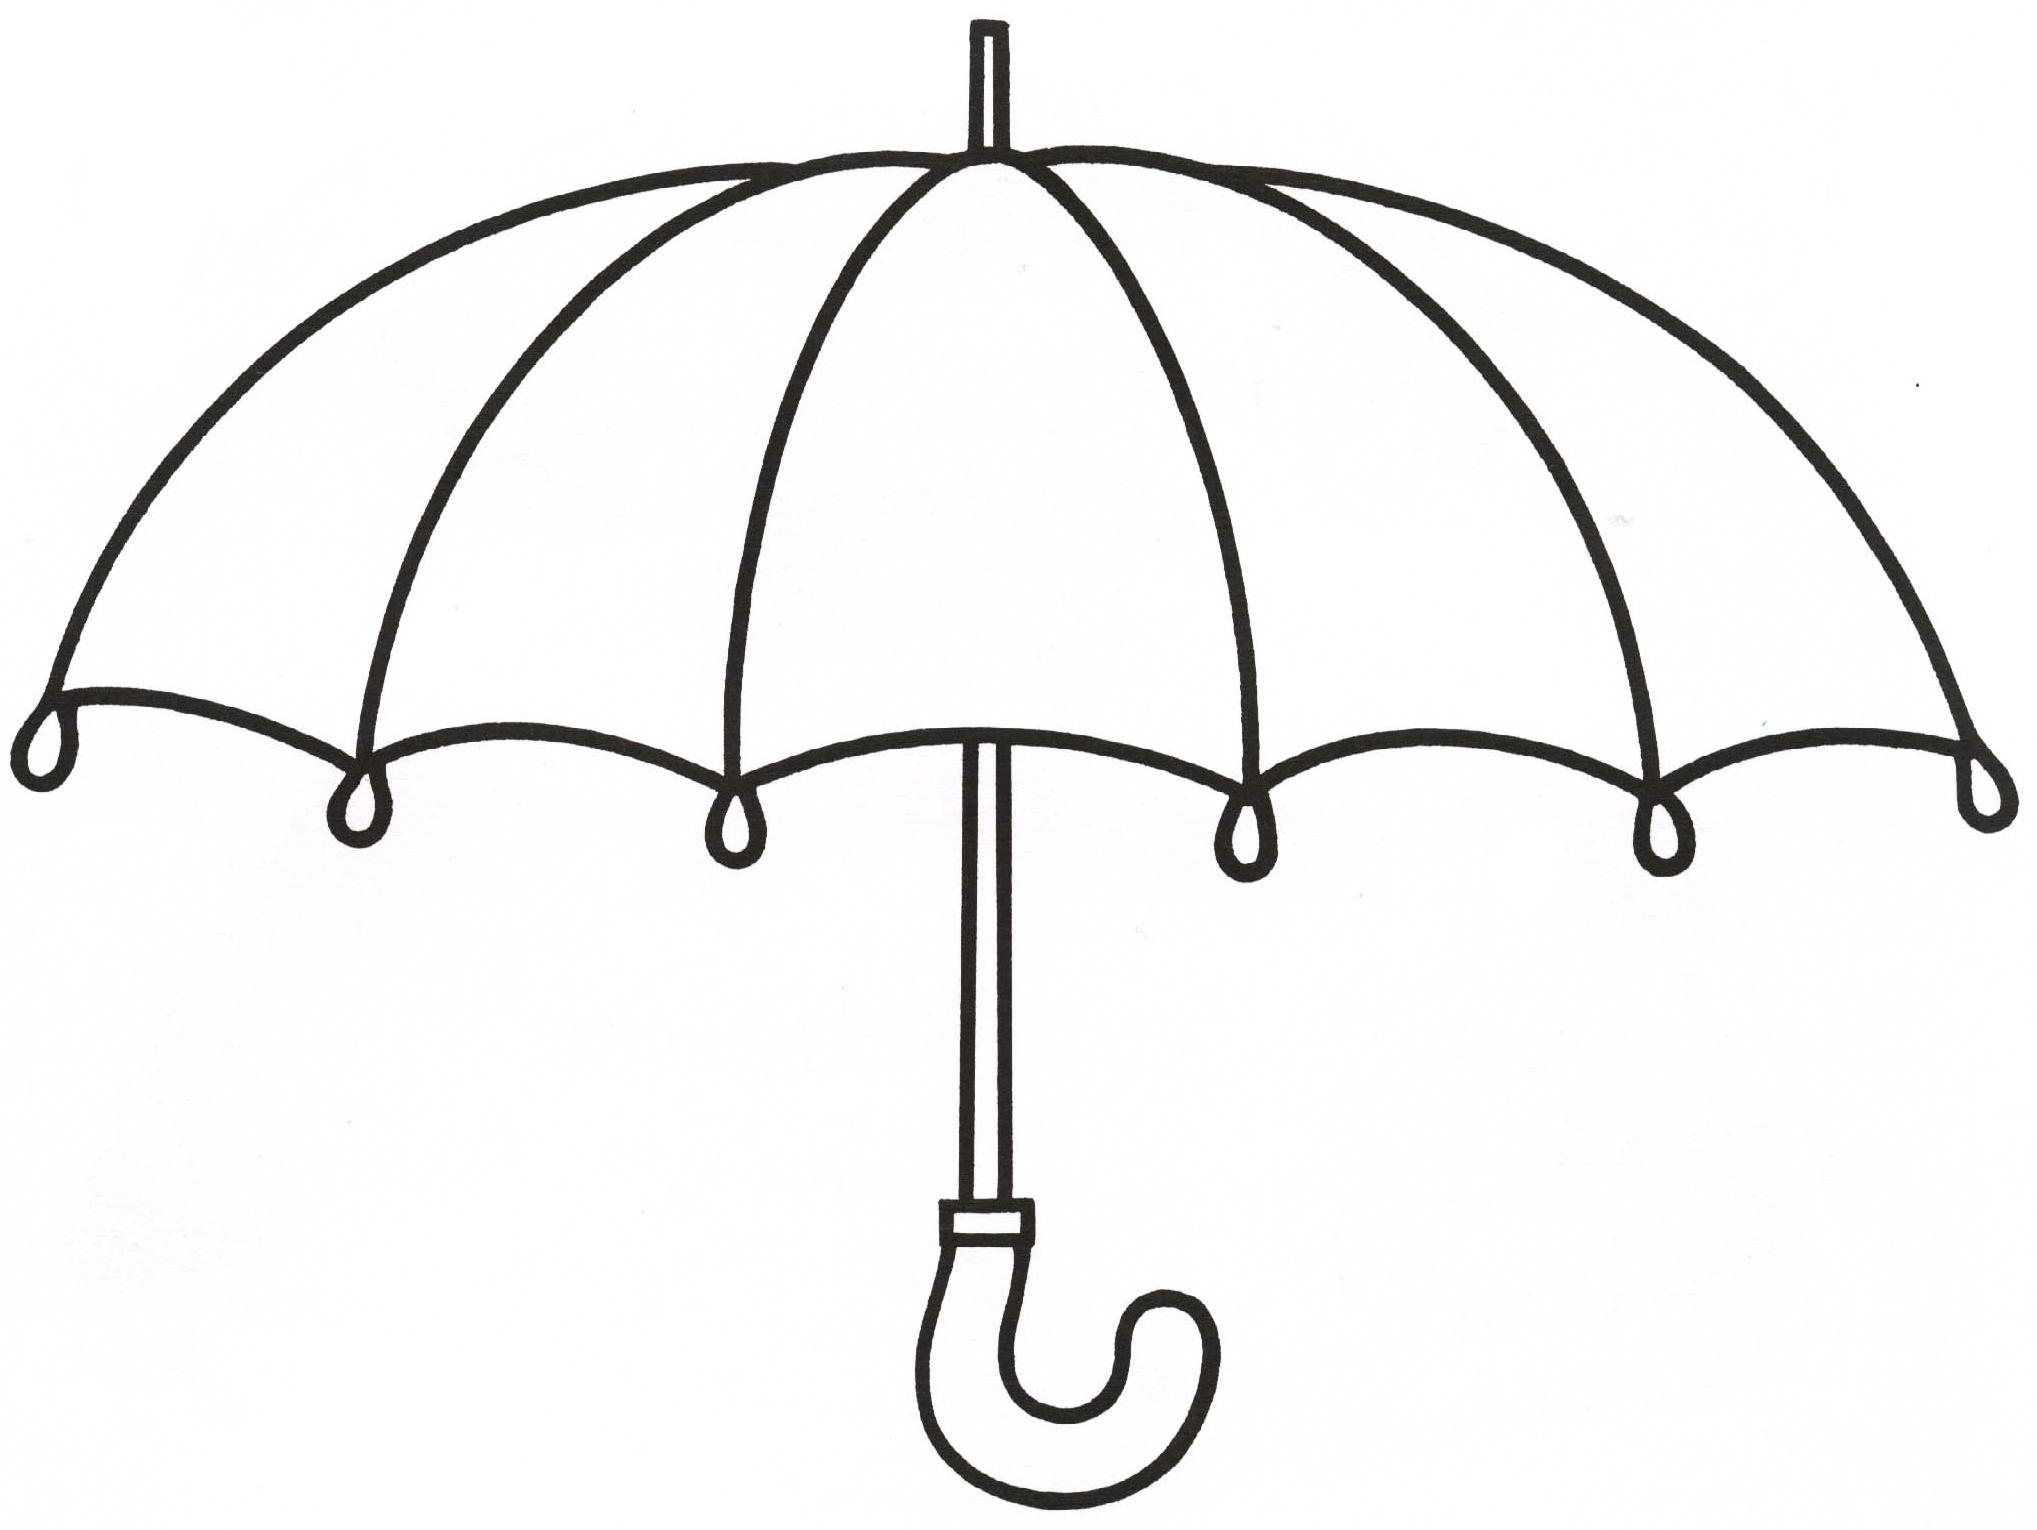 Зонт картинка для детей черно белая